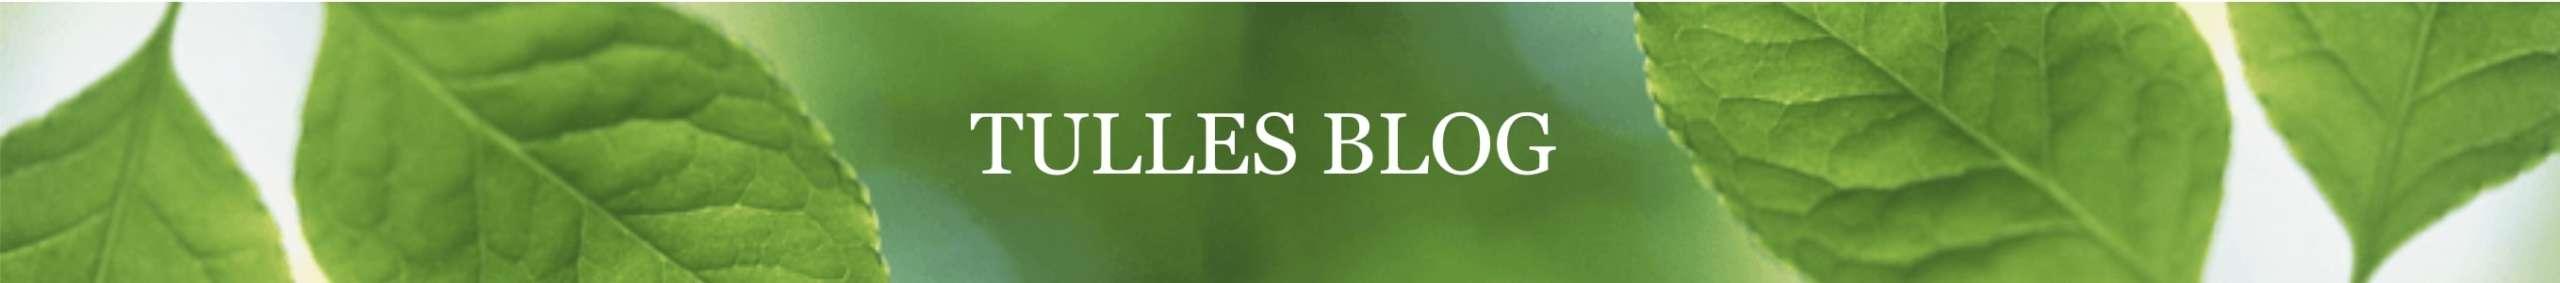 Blog fra Tulle Hyllested